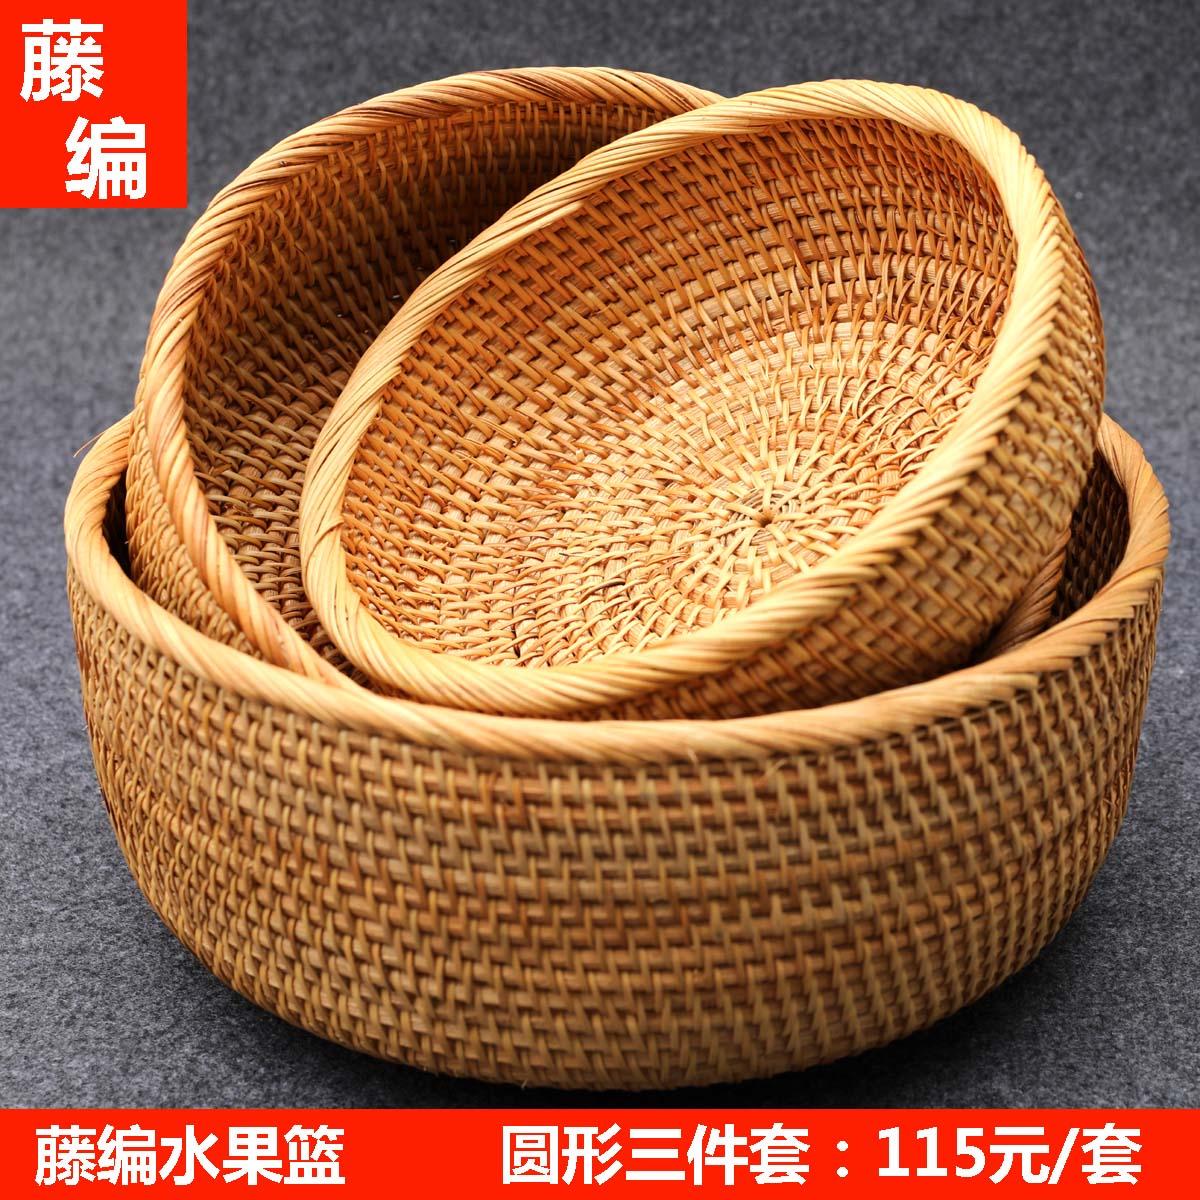 越南藤编水果篮手编织糖果篮家用收纳筐面包篮点心盘藤编篮子圆盘